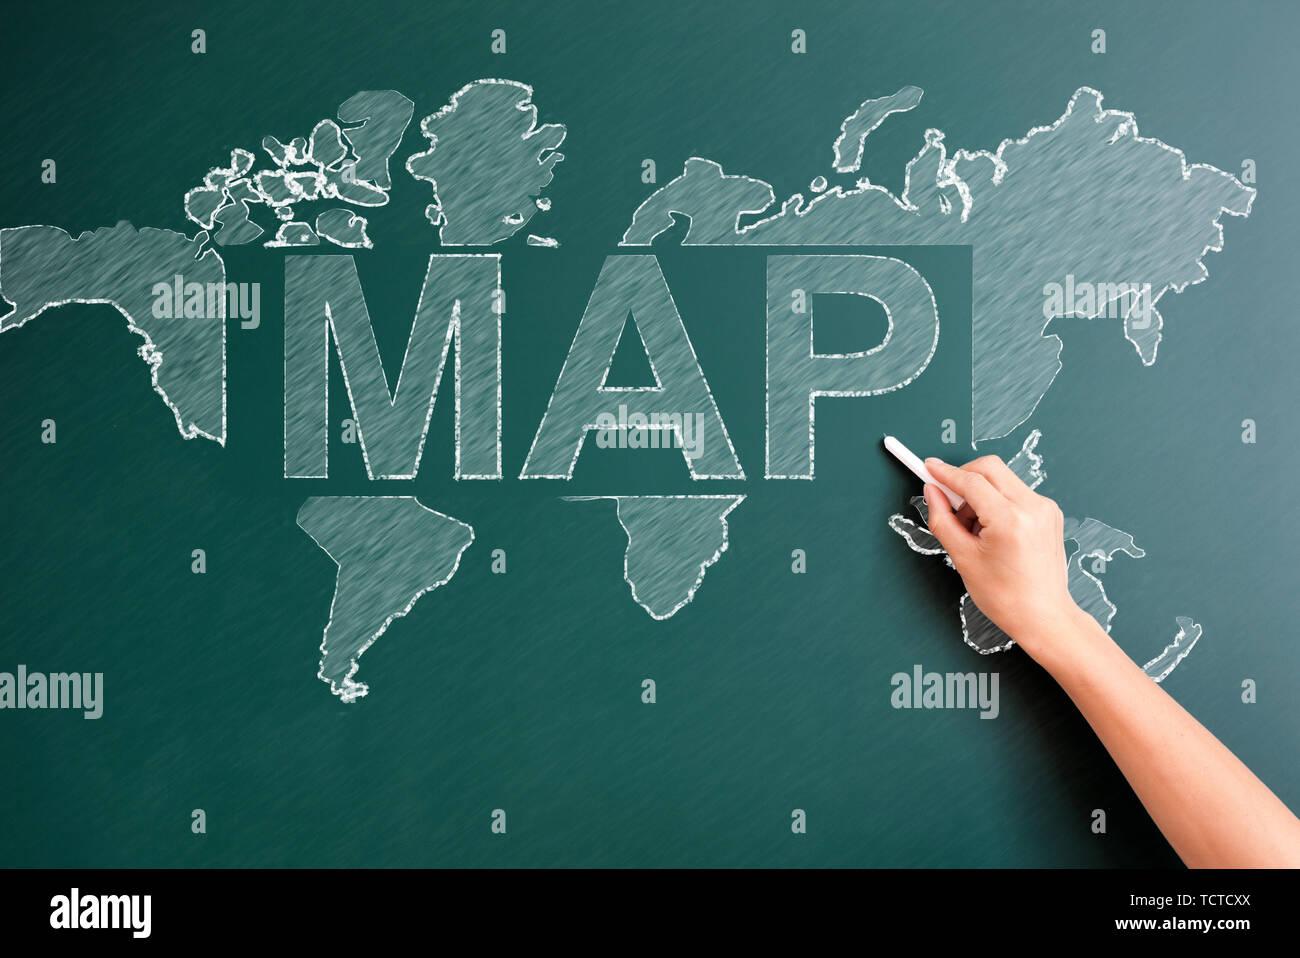 map written on blackboard - Stock Image